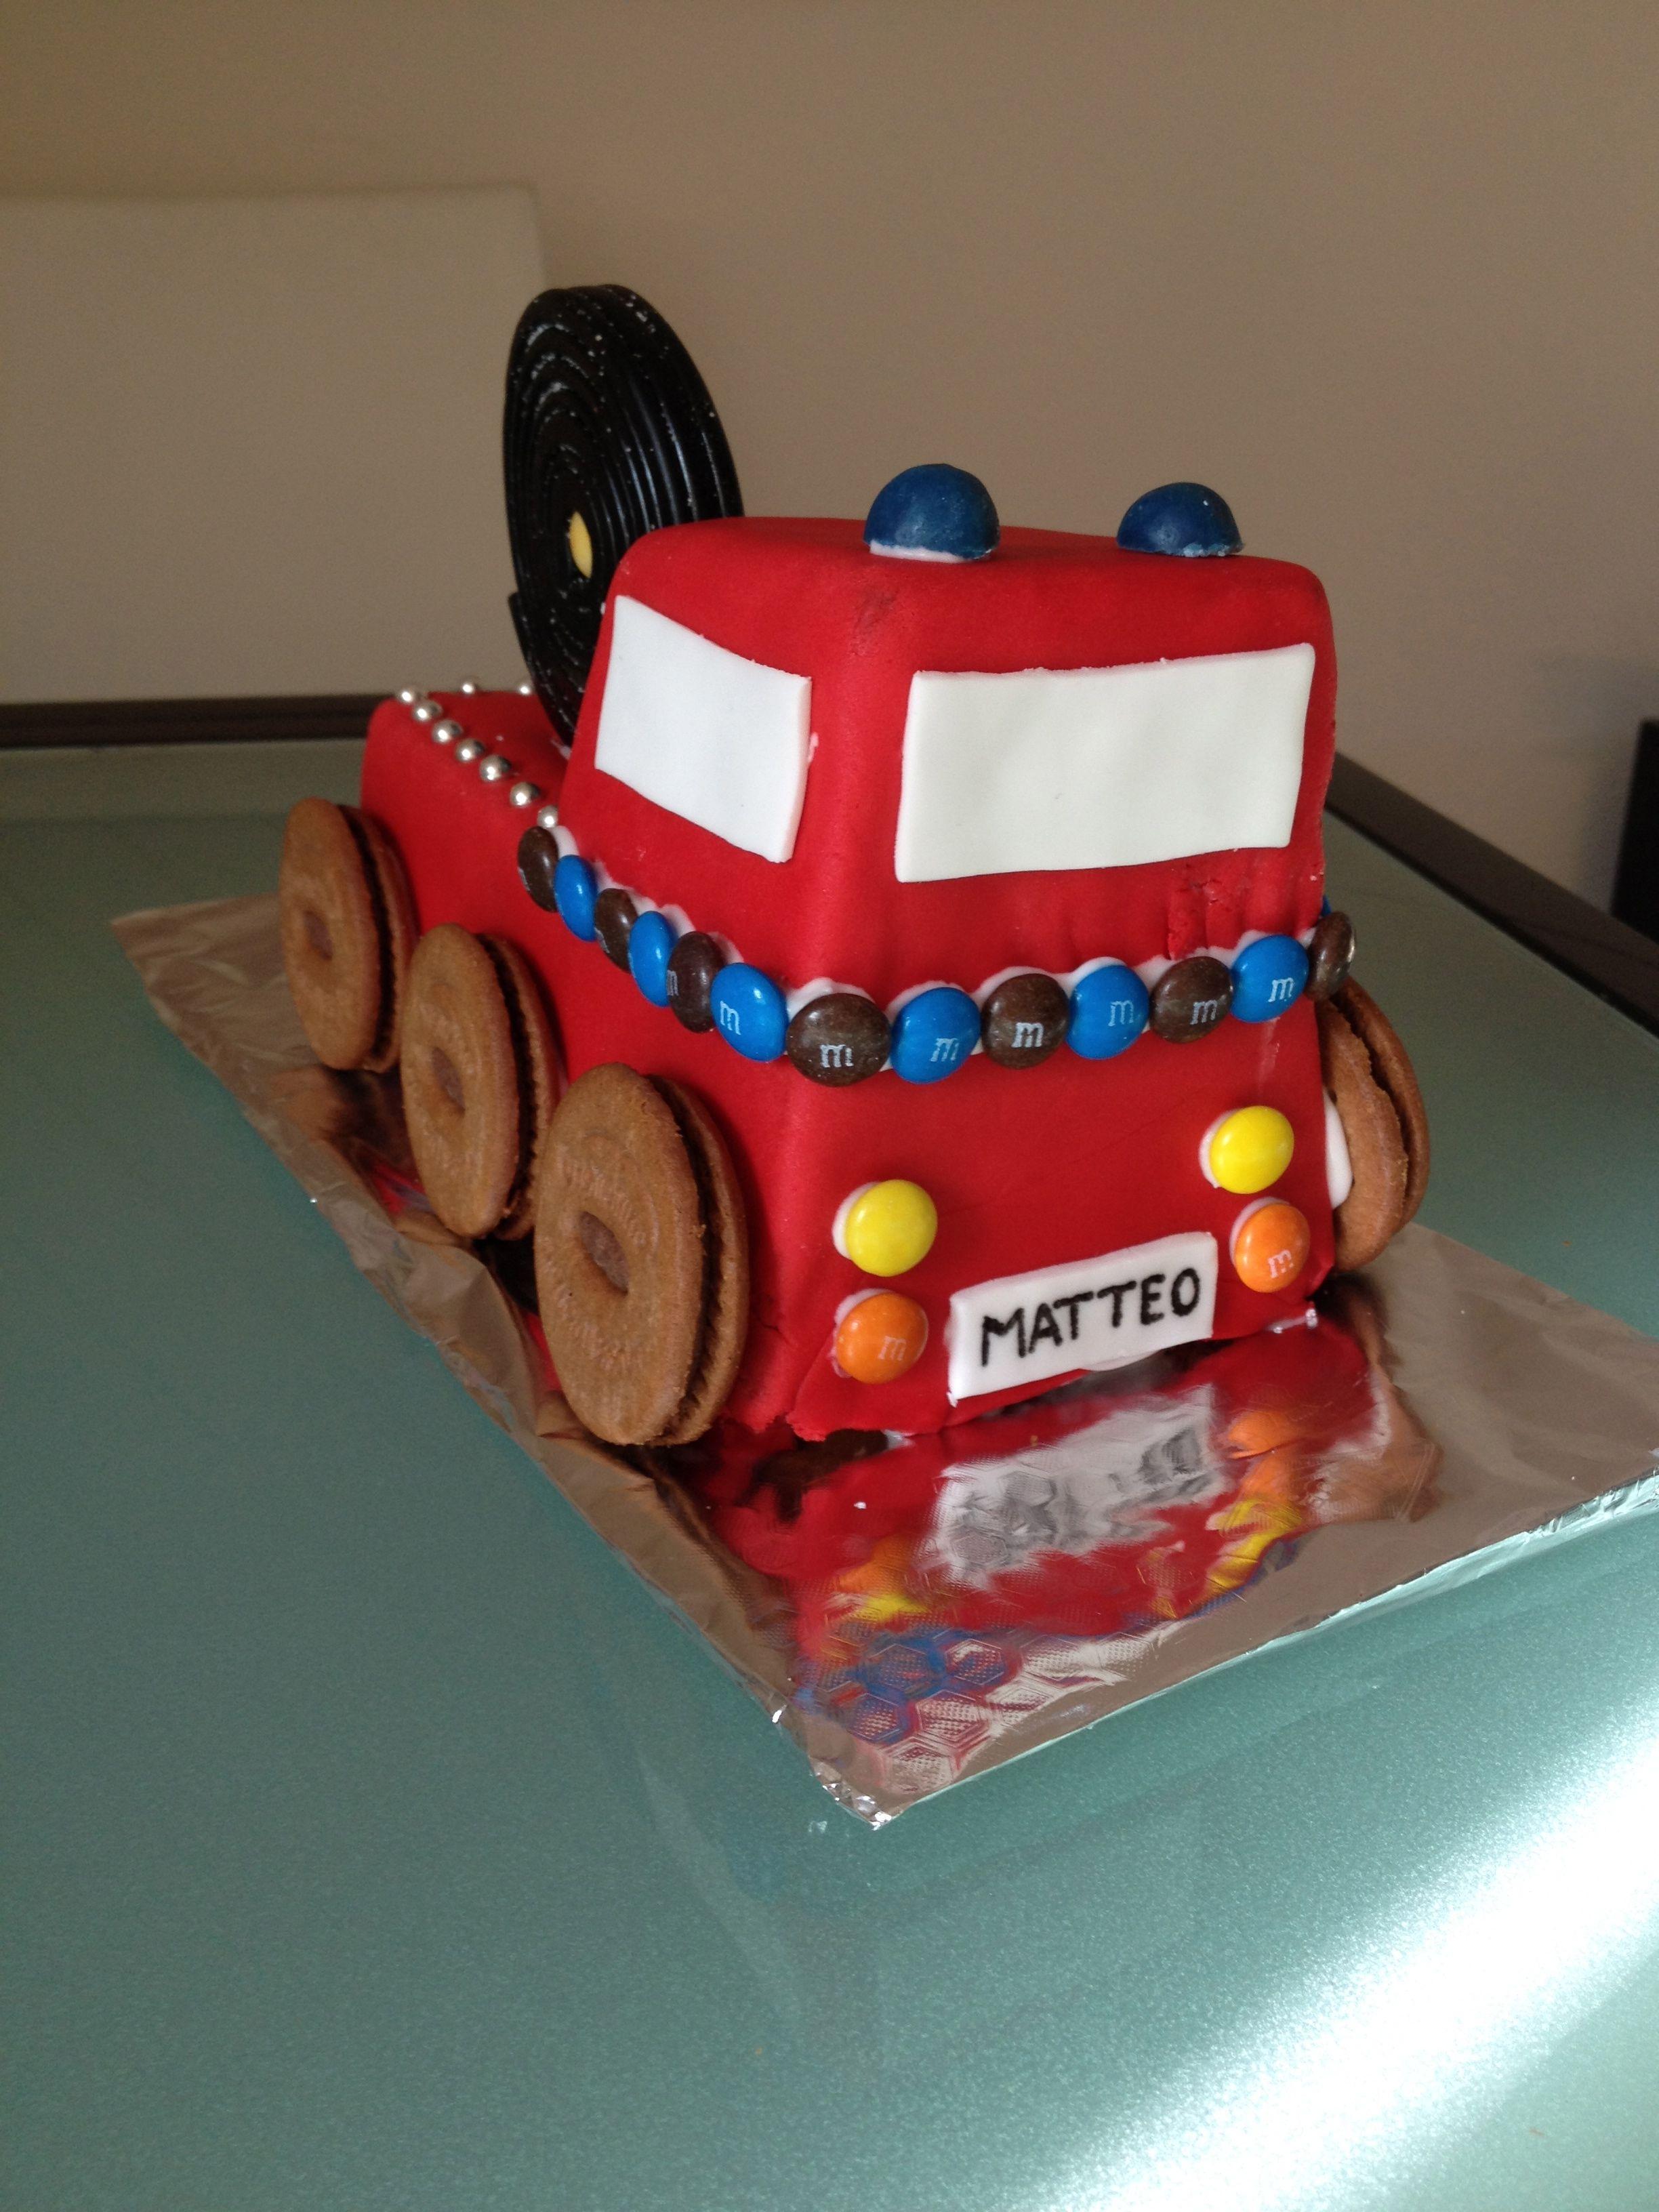 Feuerwehrauto-Geburtstagskuchen made by me